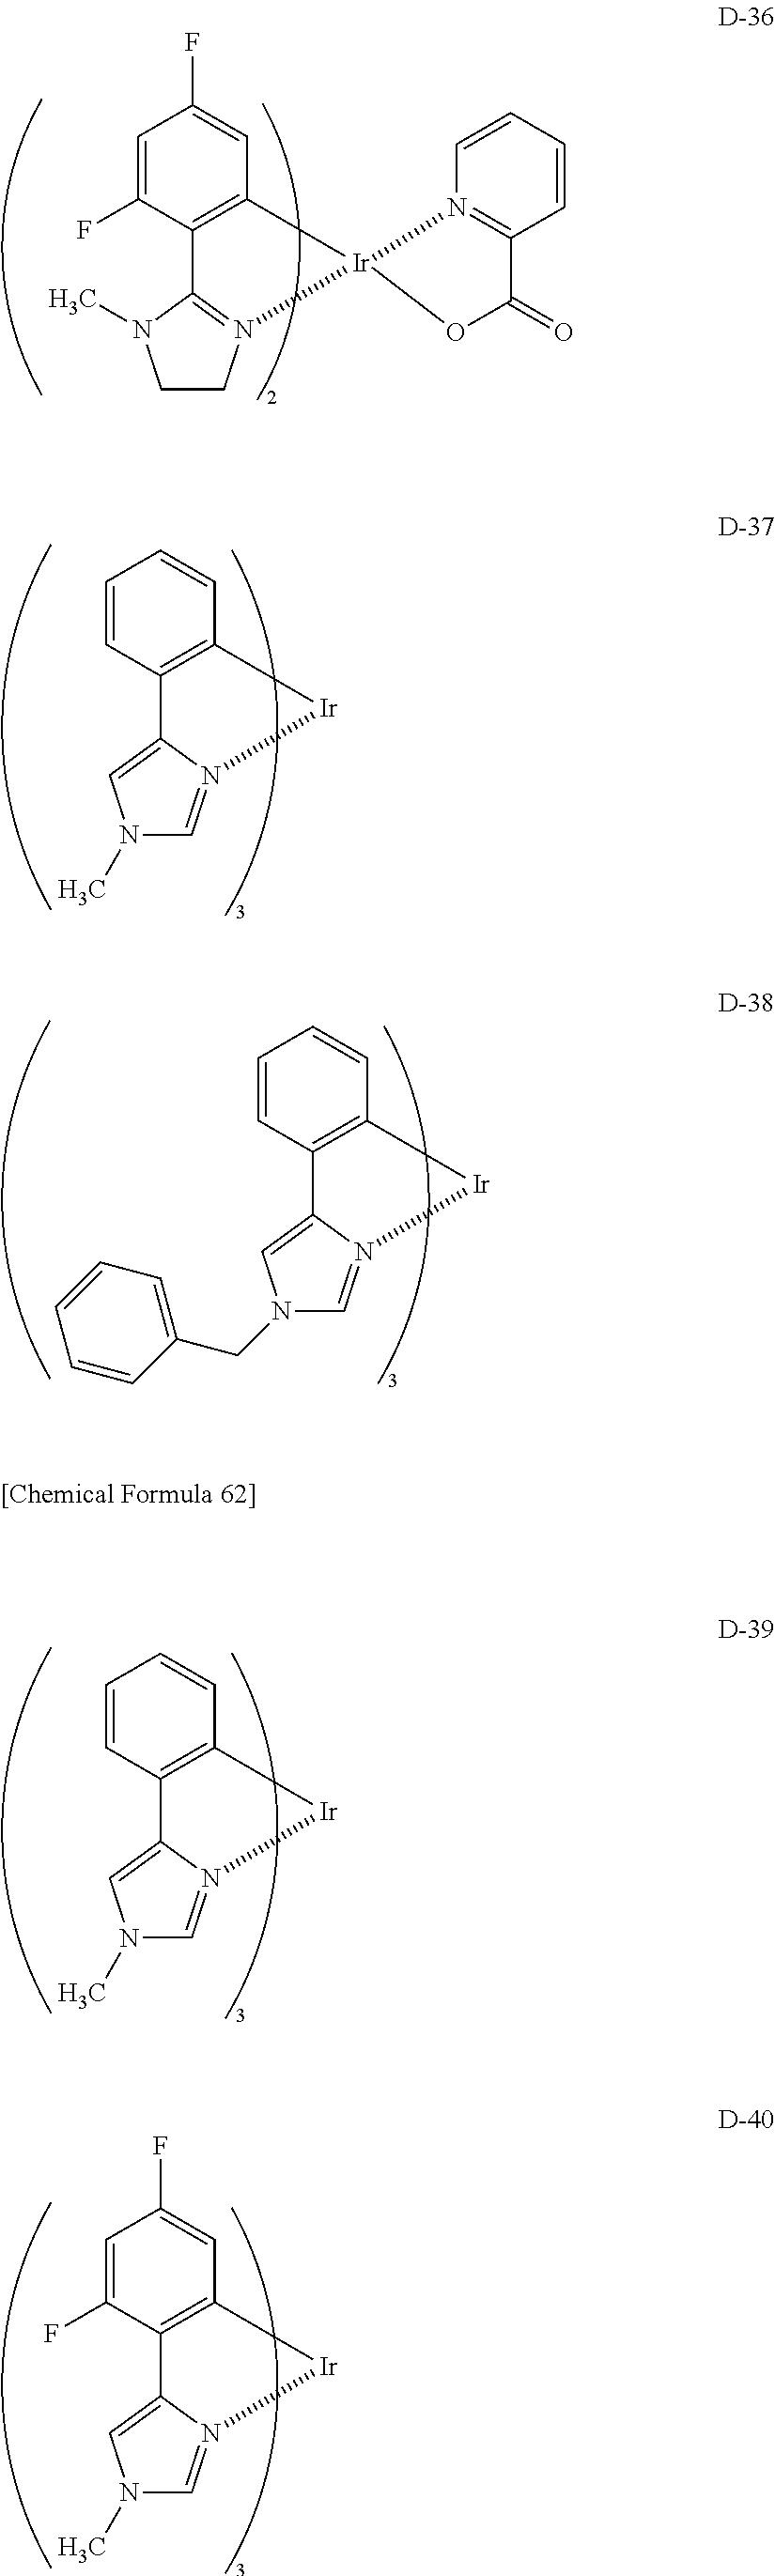 Figure US09935269-20180403-C00072